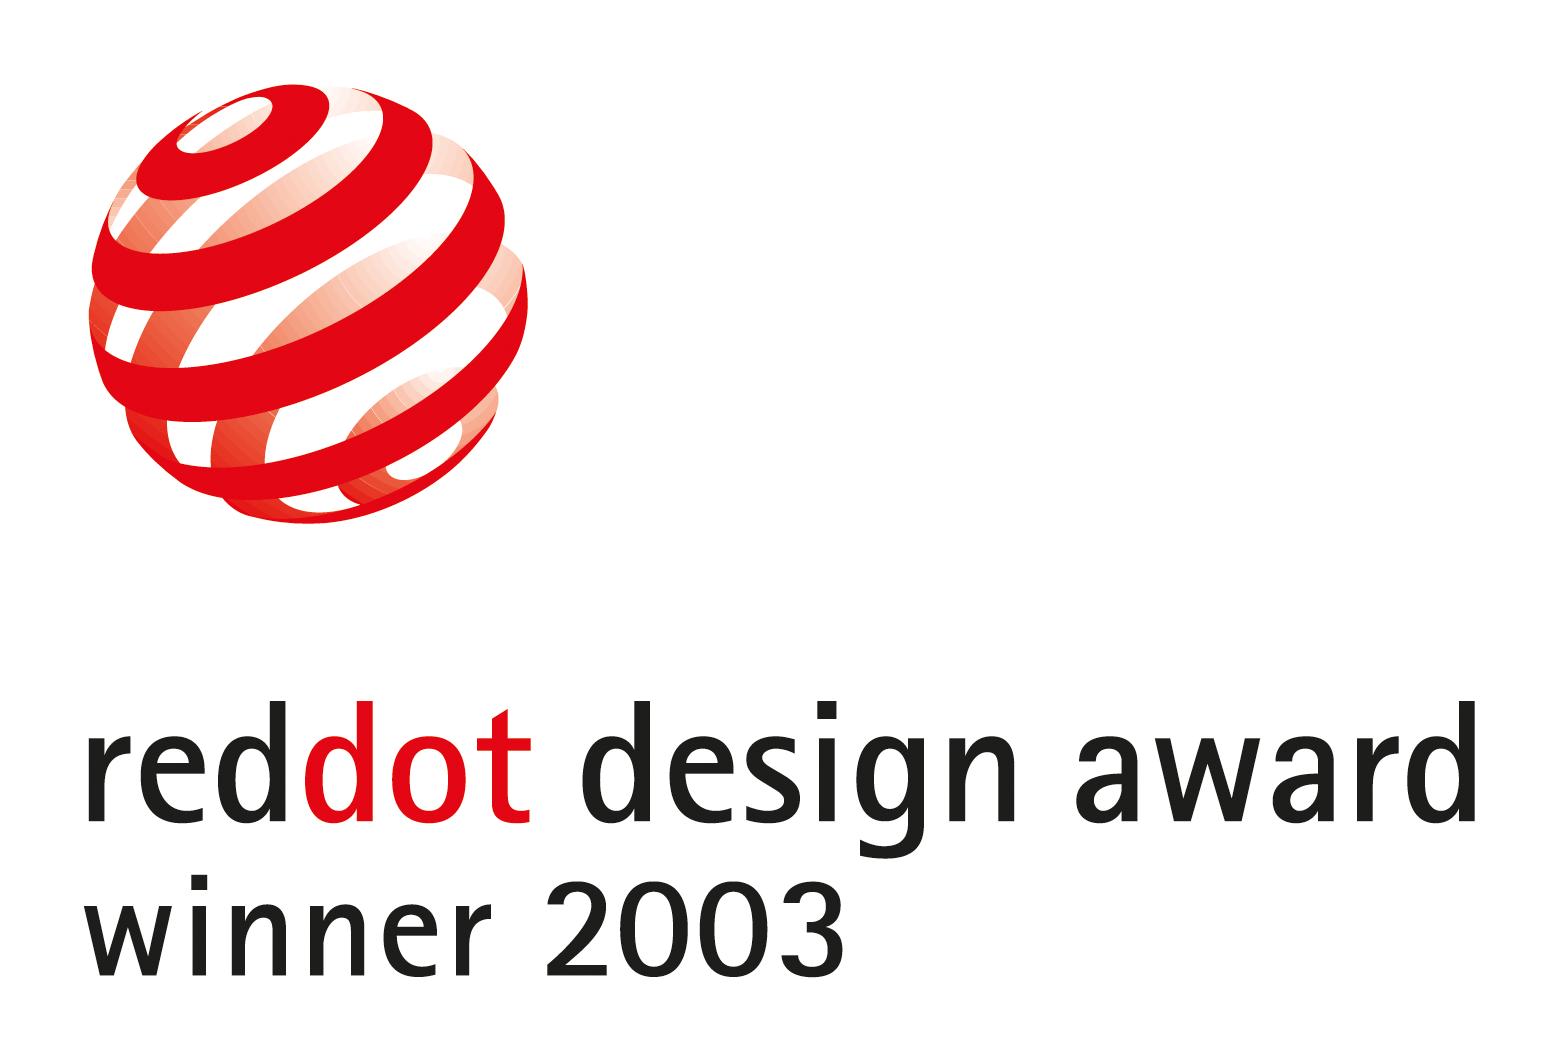 https://cdn-reichelt.de/bilder/web/xxl_ws/L700/REDDOT_2003.png